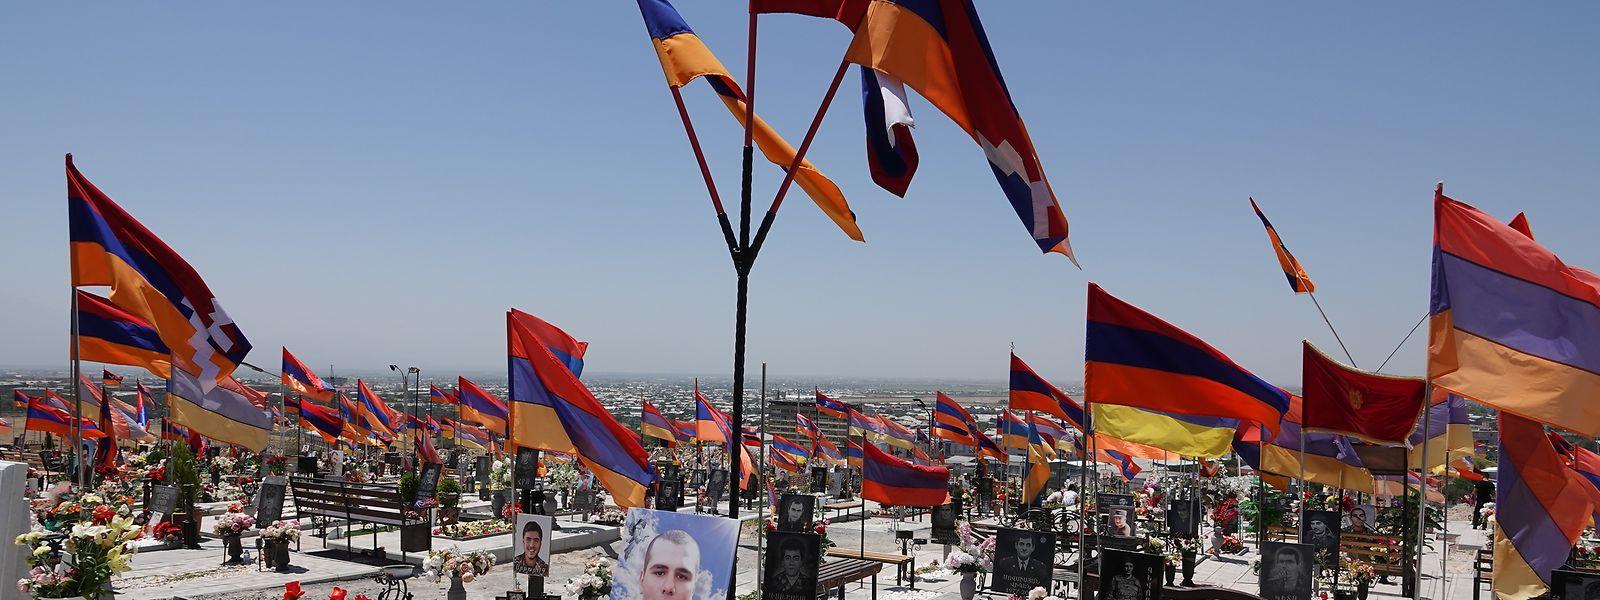 Auf einem Militärfriedhof in Eriwan mit Hunderten Gräbern trauerten auch am Wahlwochenende viele Menschen um ihre Angehörigen, die in Berg-Karabach - der in Armenien so bezeichneten nicht anerkannten Republik Arzach - im Herbst starben.